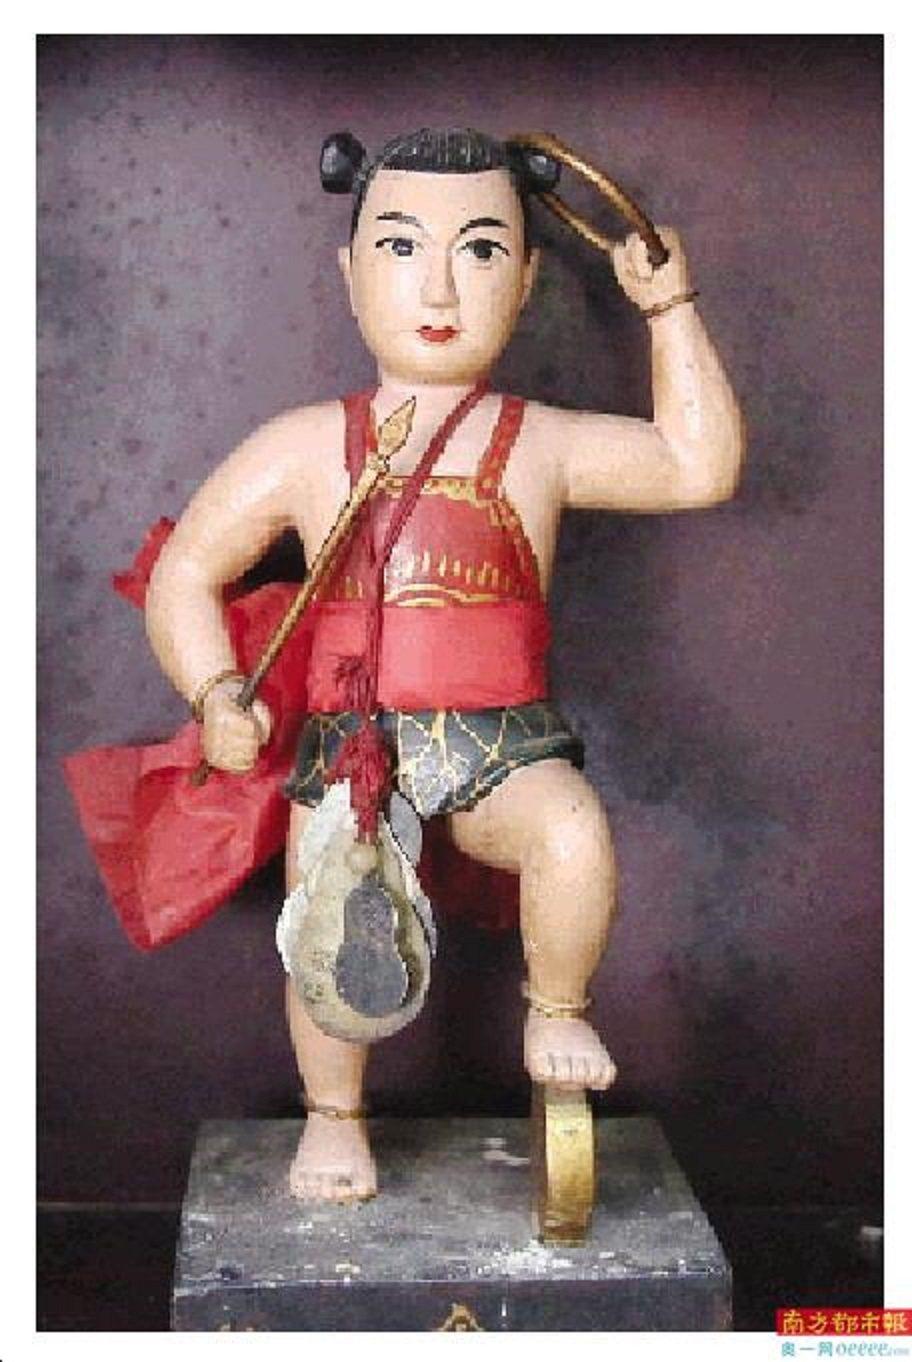 漢塘村供奉的哪吒像。圖/南方都市報